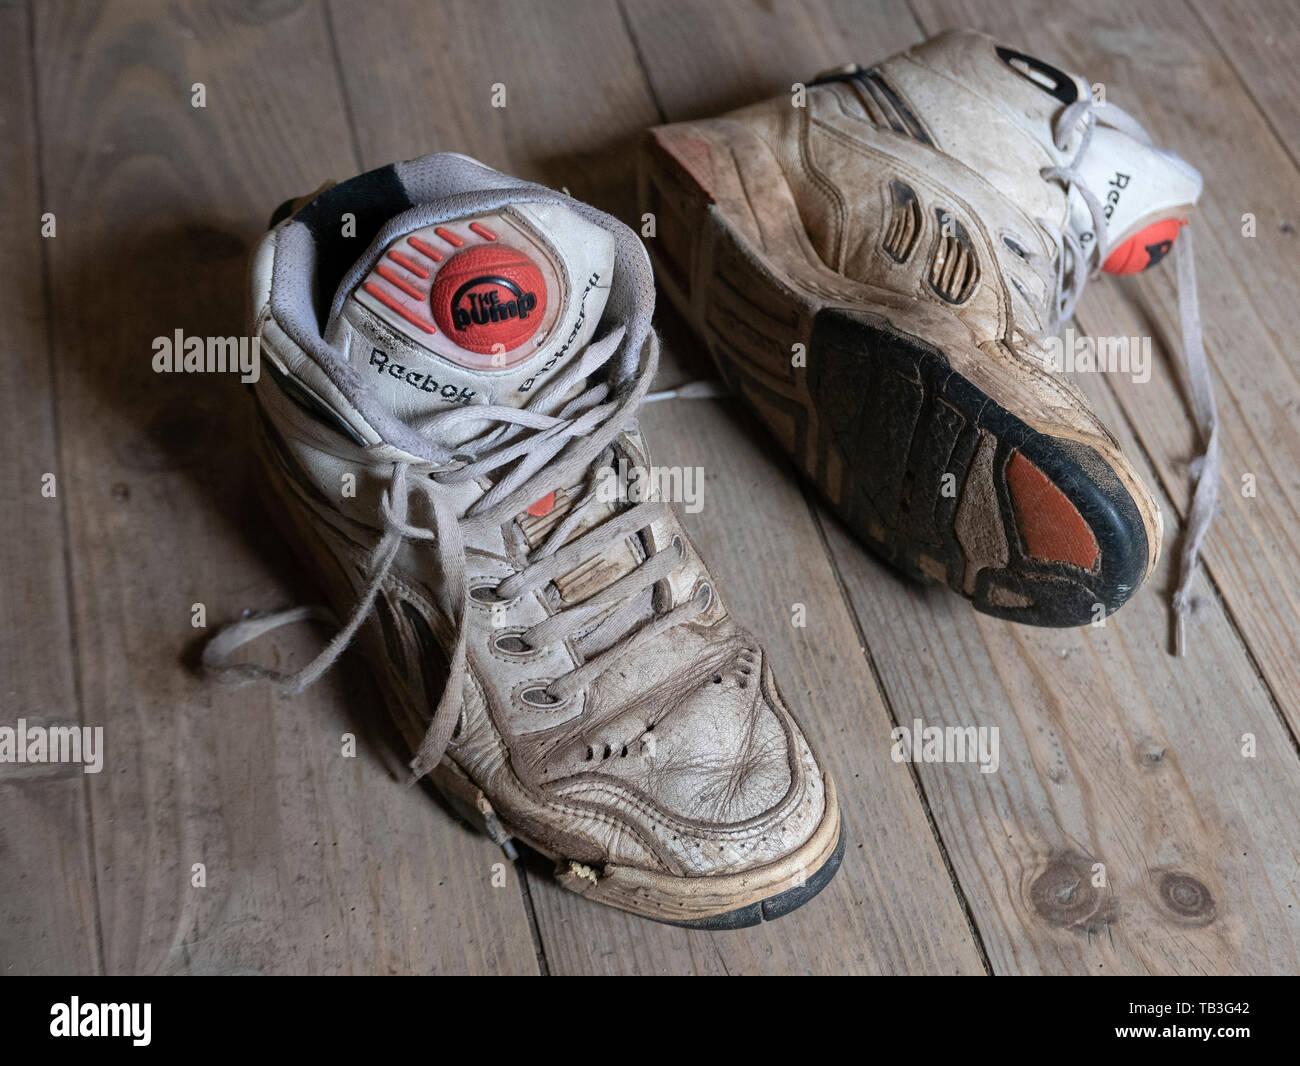 1990's reebok basketball shoes